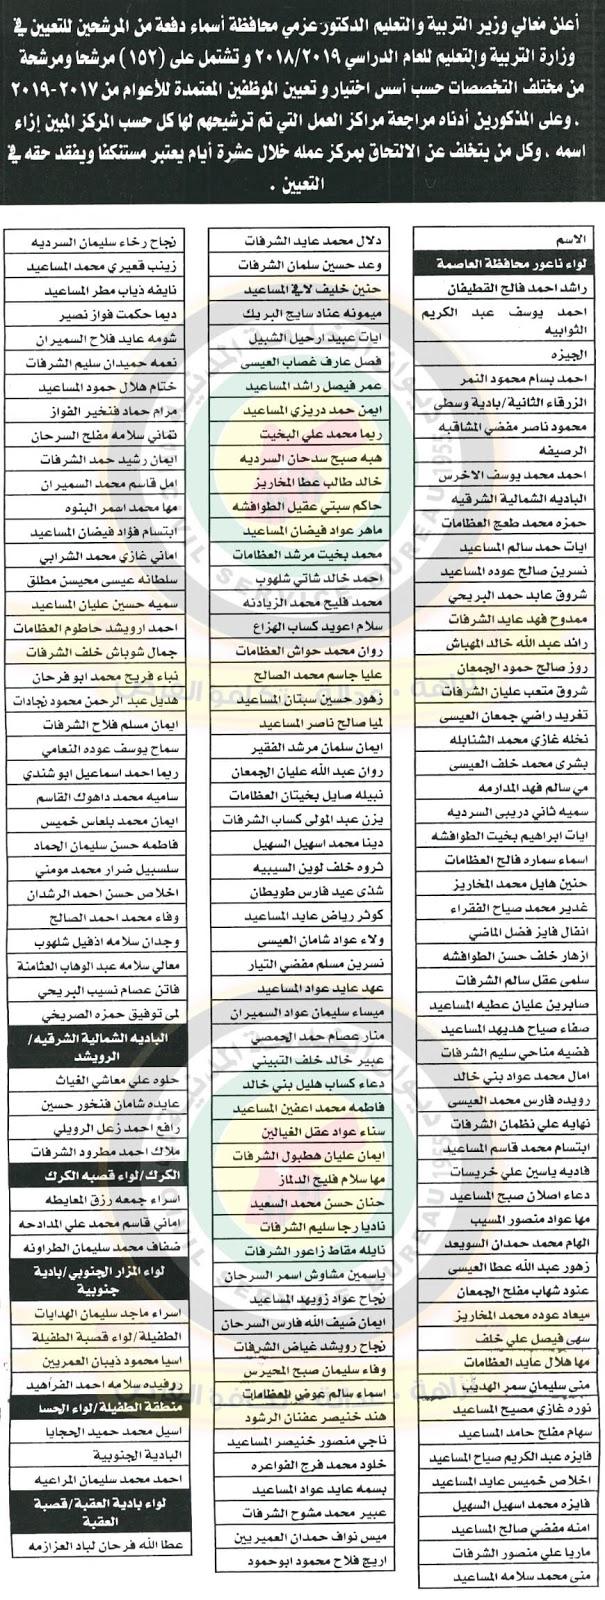 اسماء-تعيينات-وزارة-التربية-والتعليم